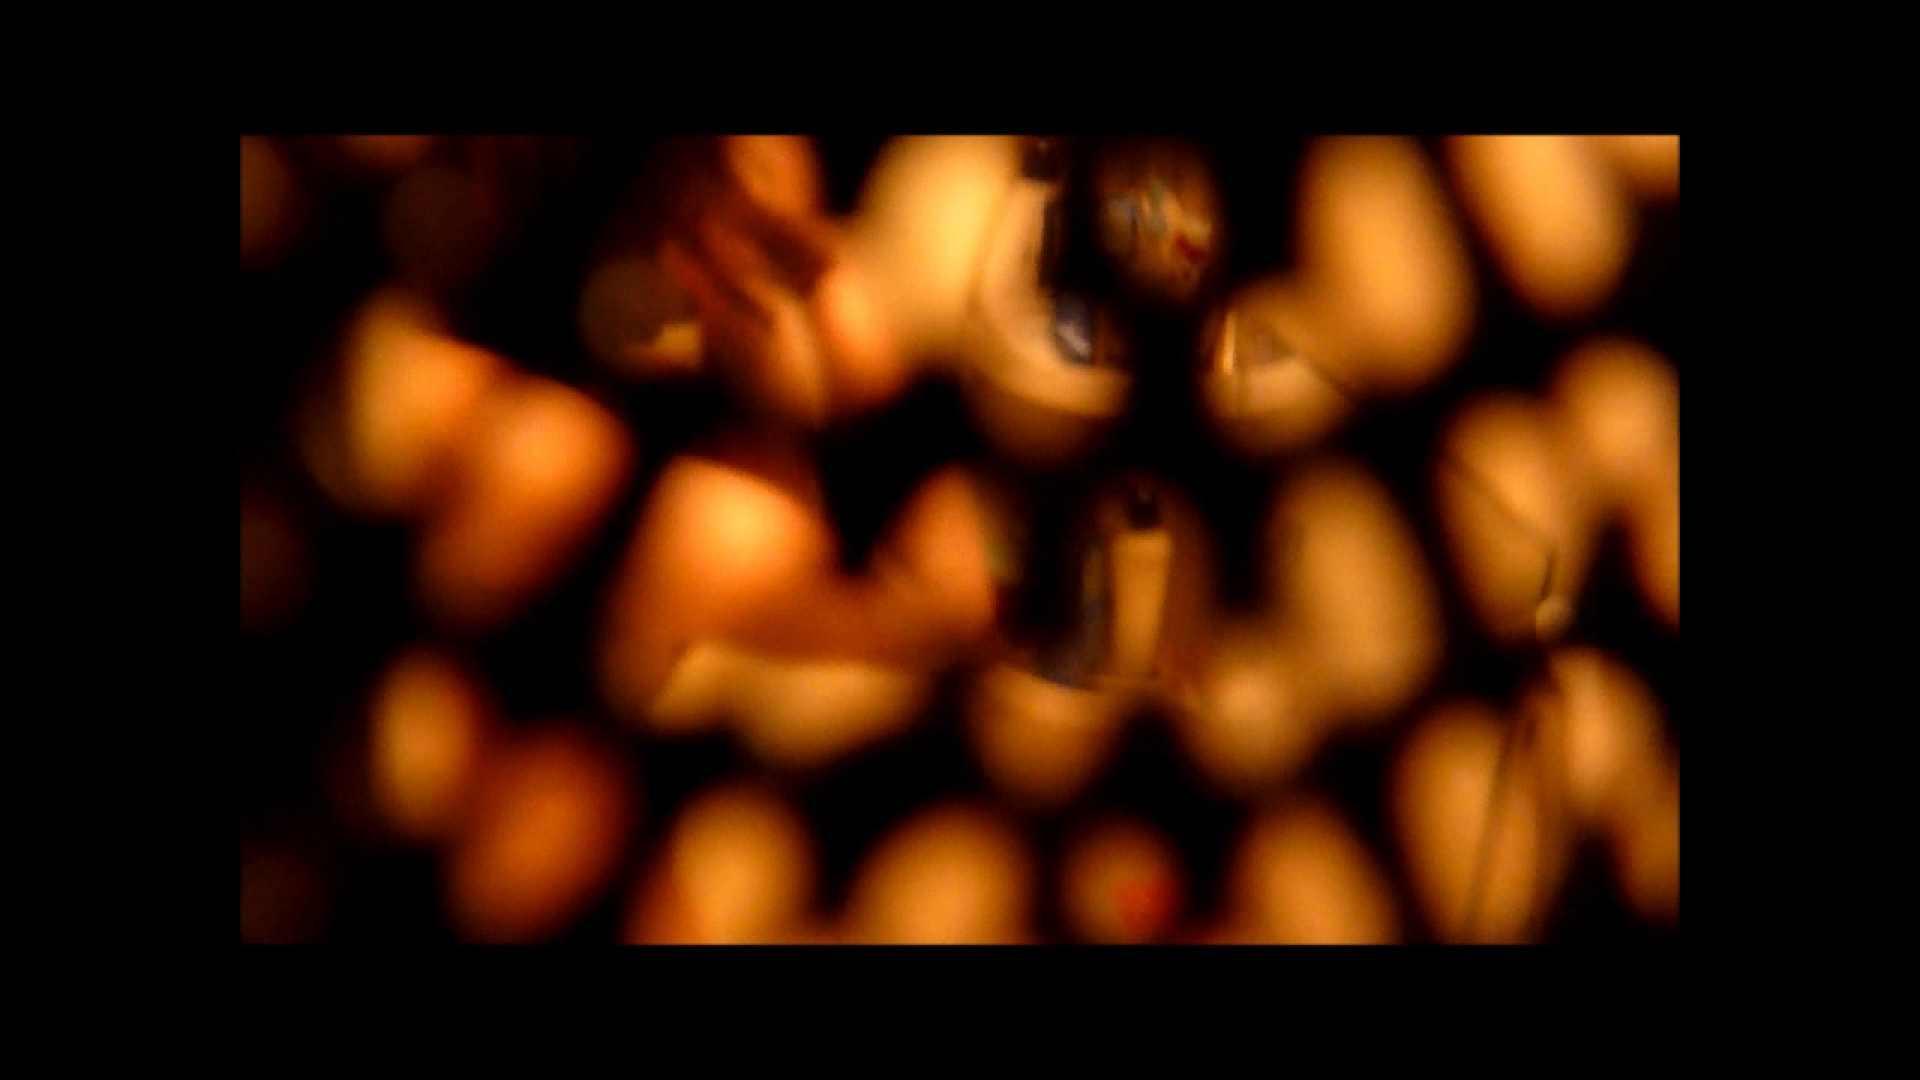 【02】ベランダに侵入して張り込みを始めて・・・やっと結果が出ました。 マンコ特集 | オマンコ丸見え  25連発 7